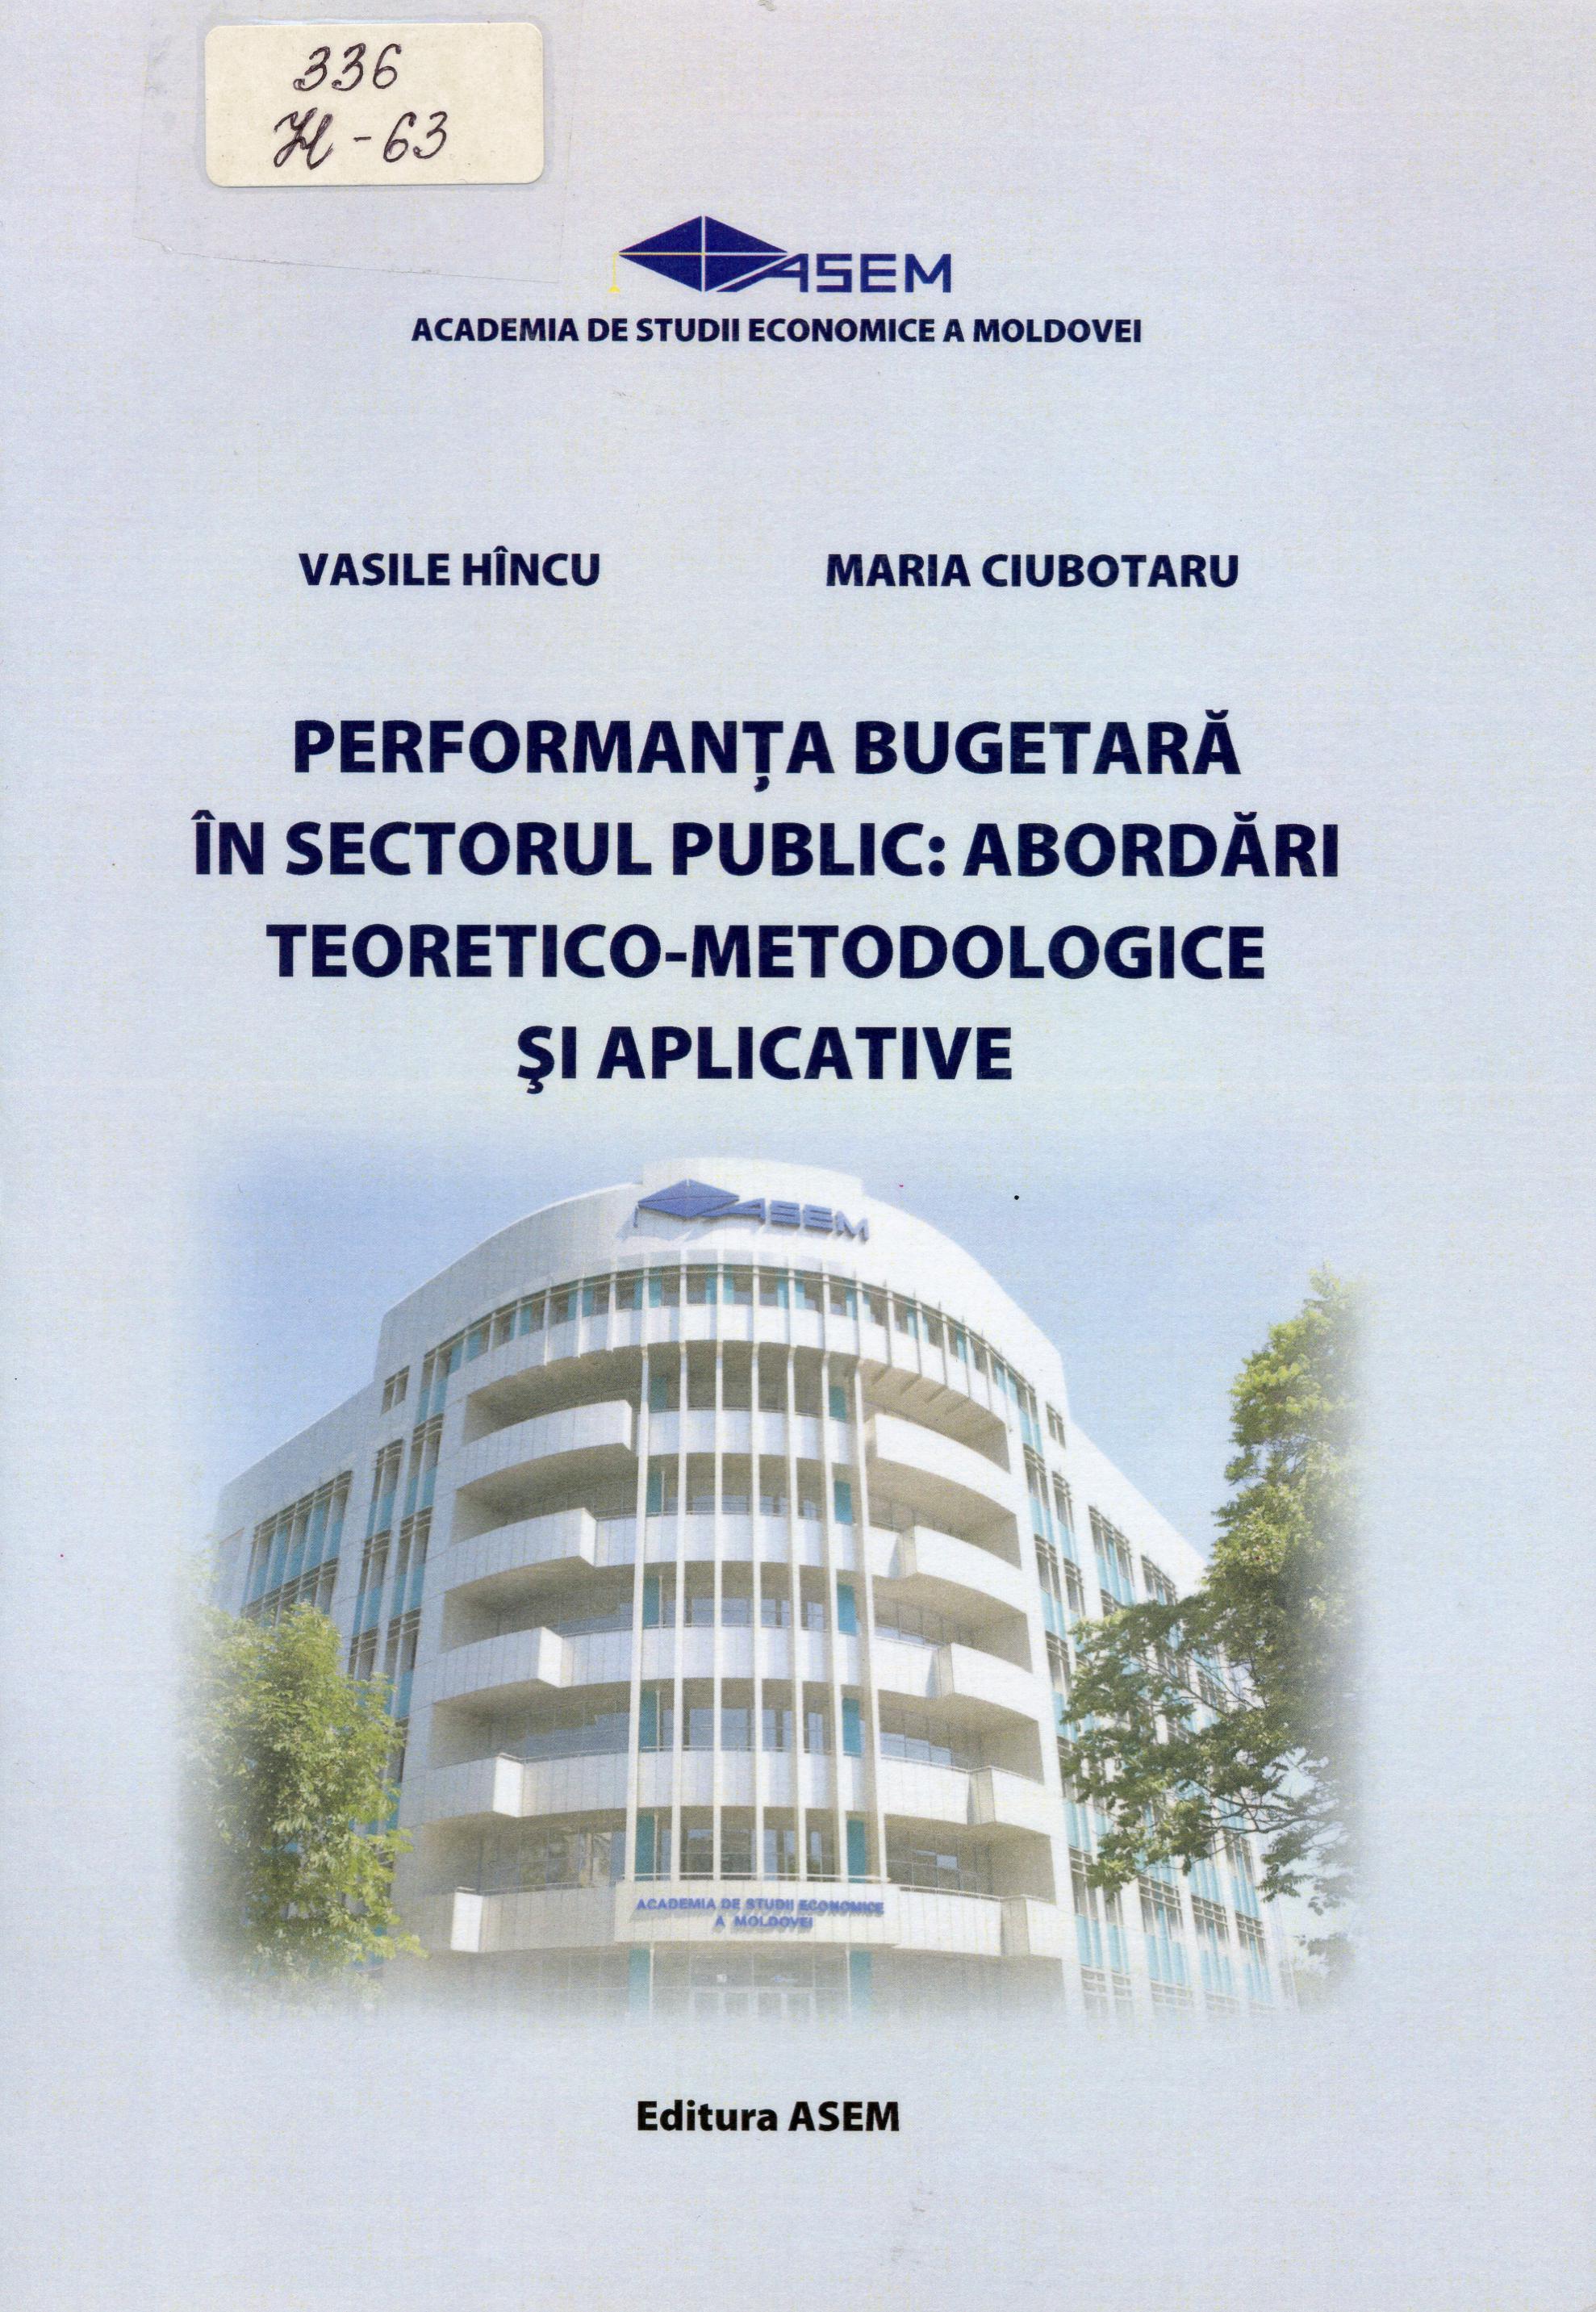 Performanța bugetară în sectorul public: abordări teoretico-metodologice și applicative.